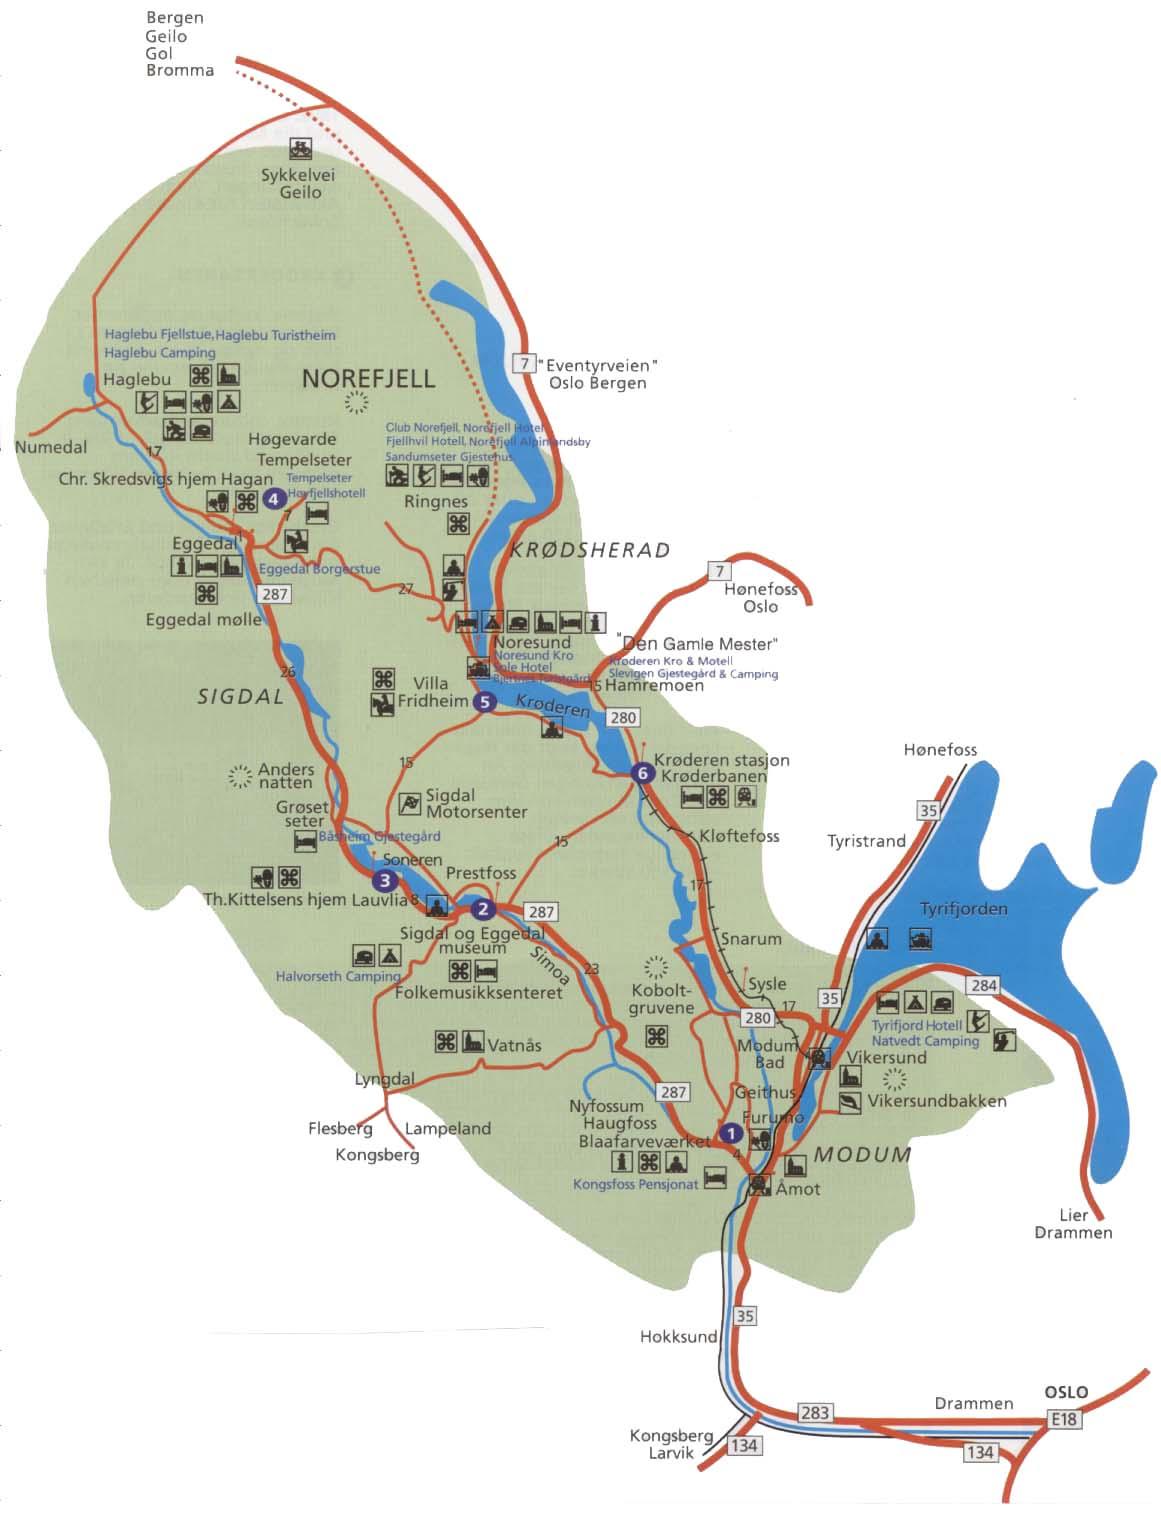 sigdal kommune kart Finn oss   junior NM i friidrett i Sigdal 2012 | Junior NM i  sigdal kommune kart